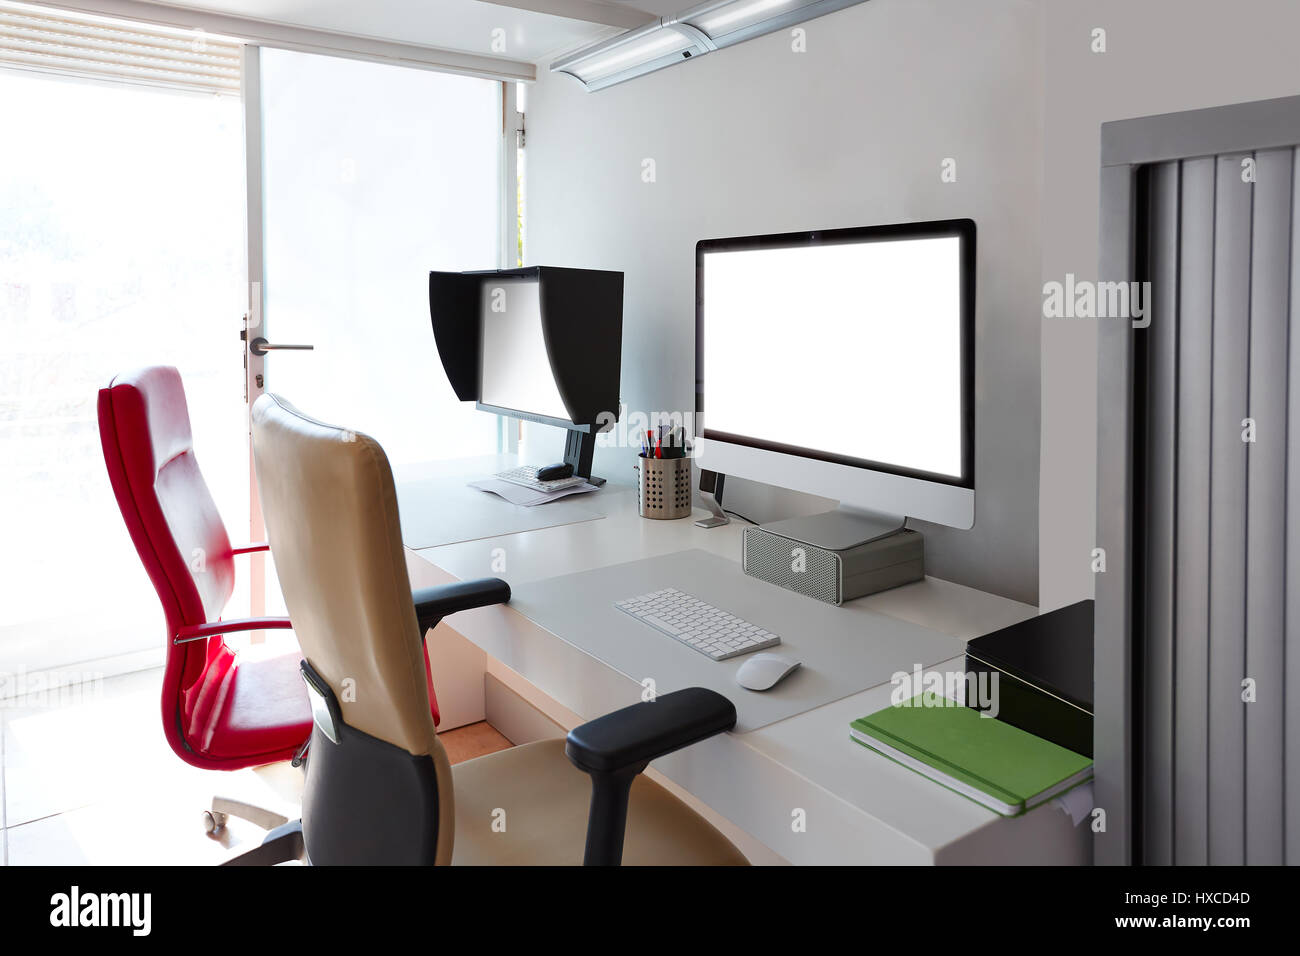 Designer Schreibtisch Mit Computer Bildschirmen In Weiß